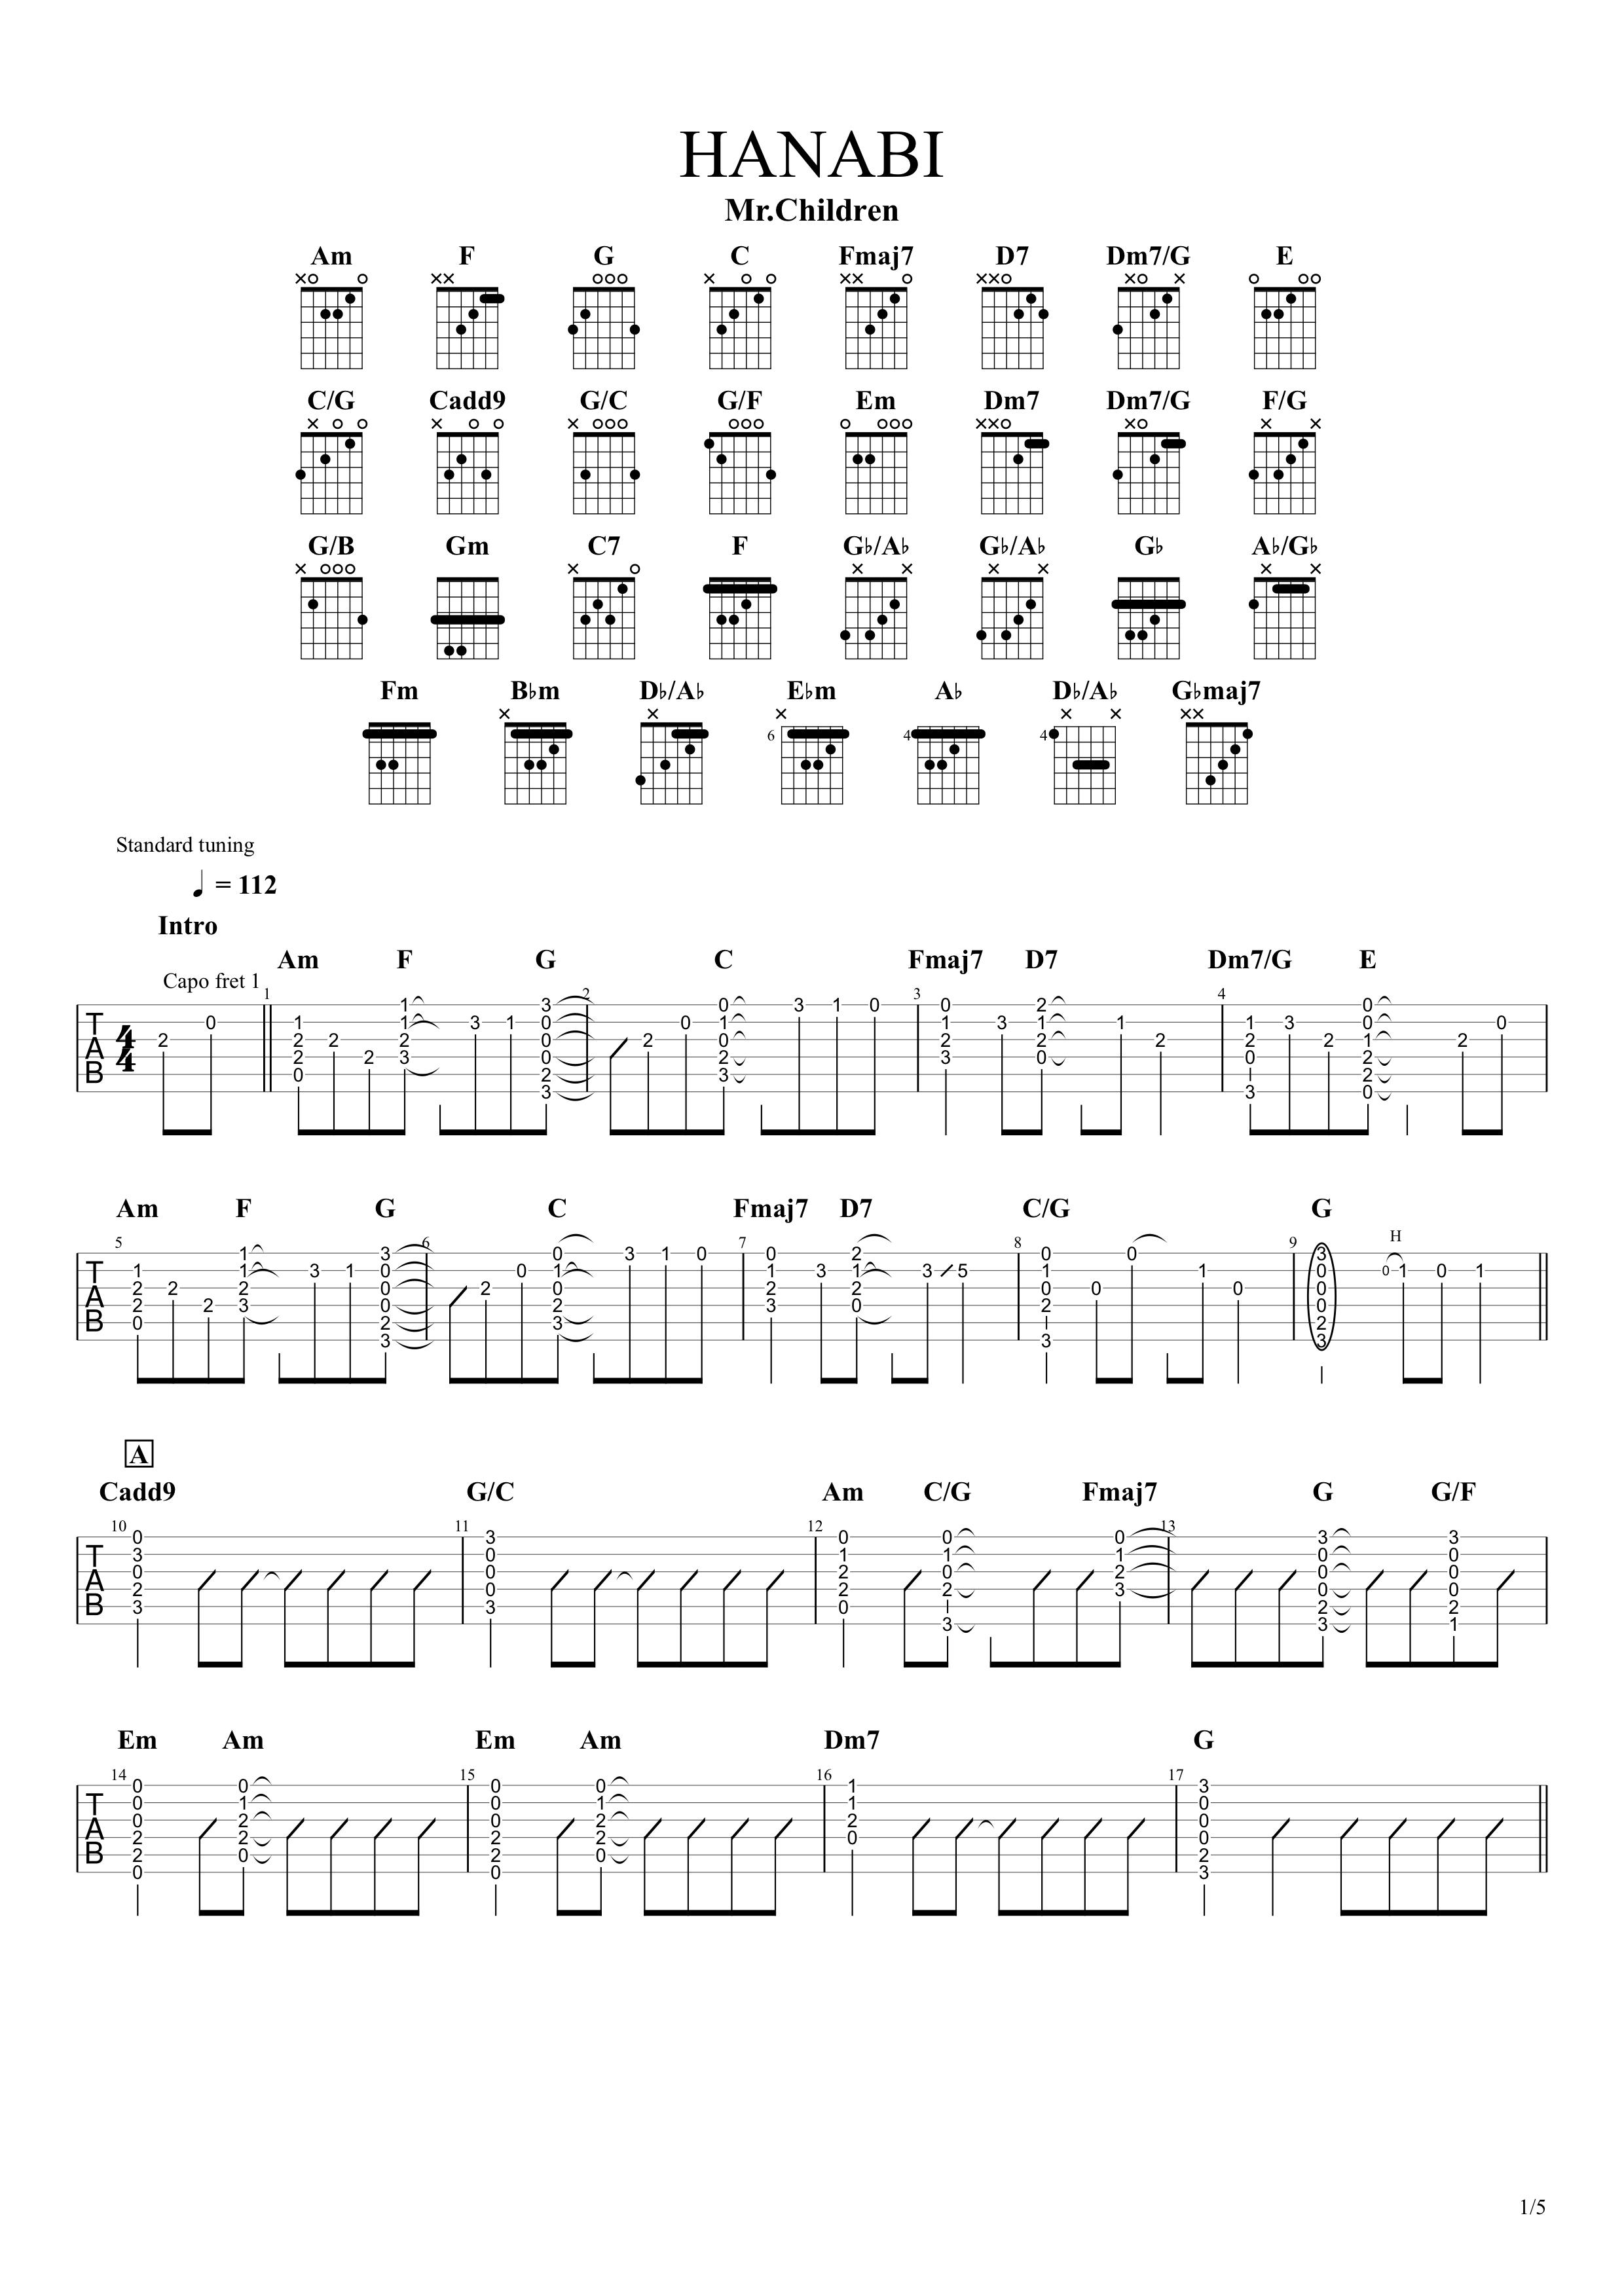 HANABI/Mr.Children ギタータブ譜01